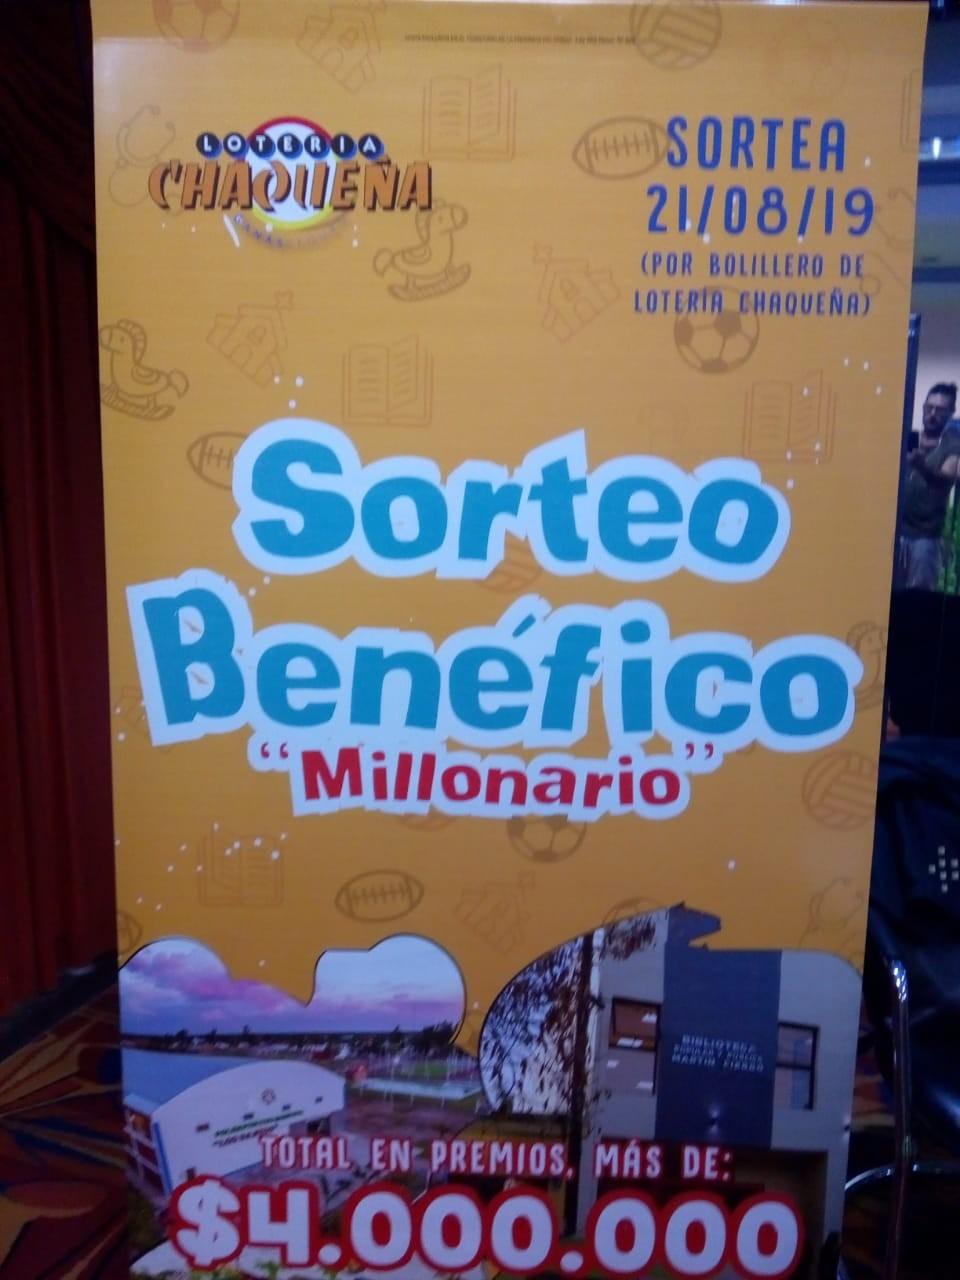 Presentación Oficial del tradicional Bono Benéfico destinado a las instituciones sin fines de lucro